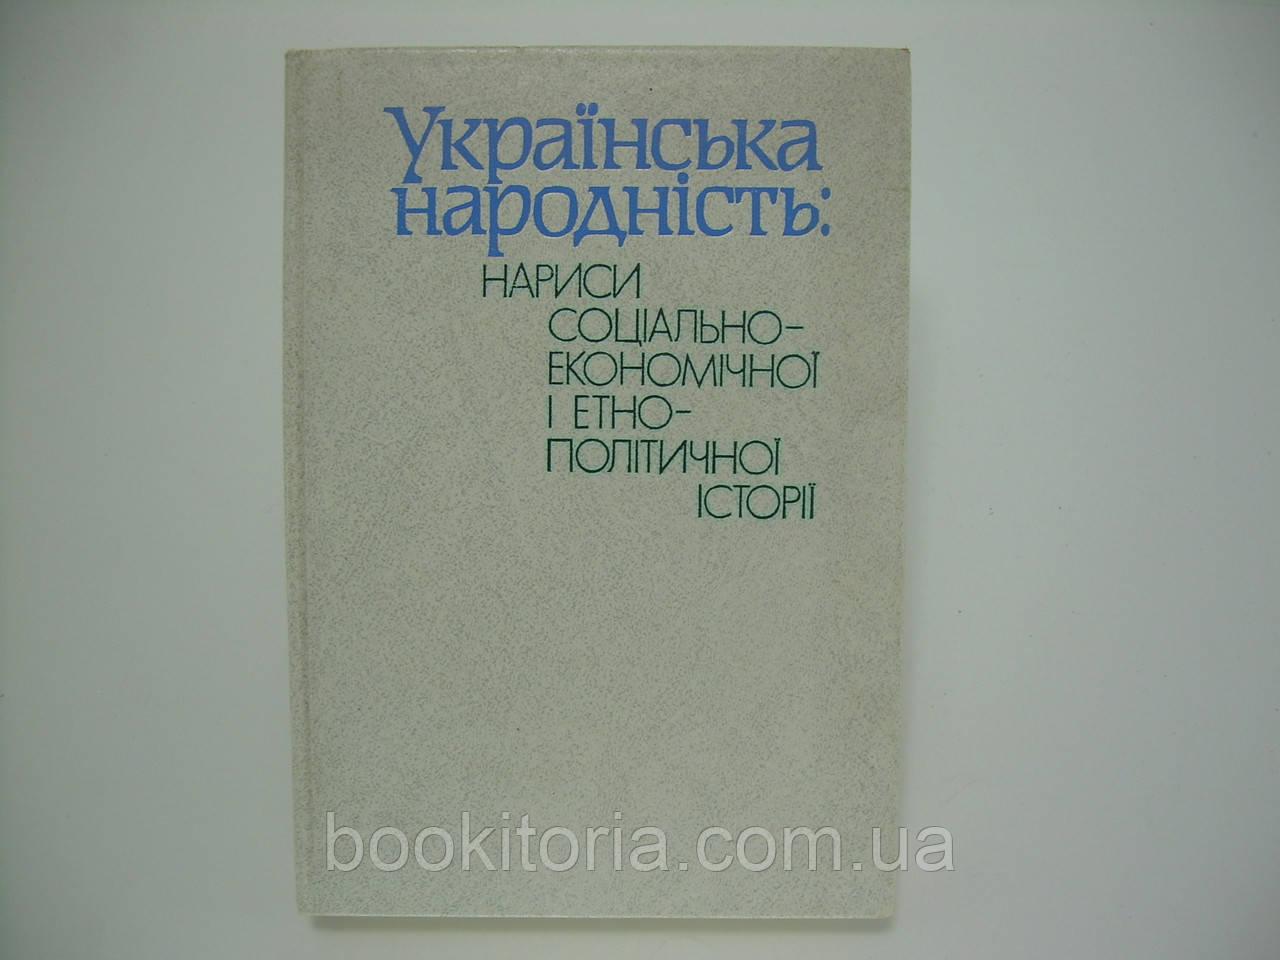 Українська народність. Нариси соціально-економічної і етно-політичної історії (б/у).